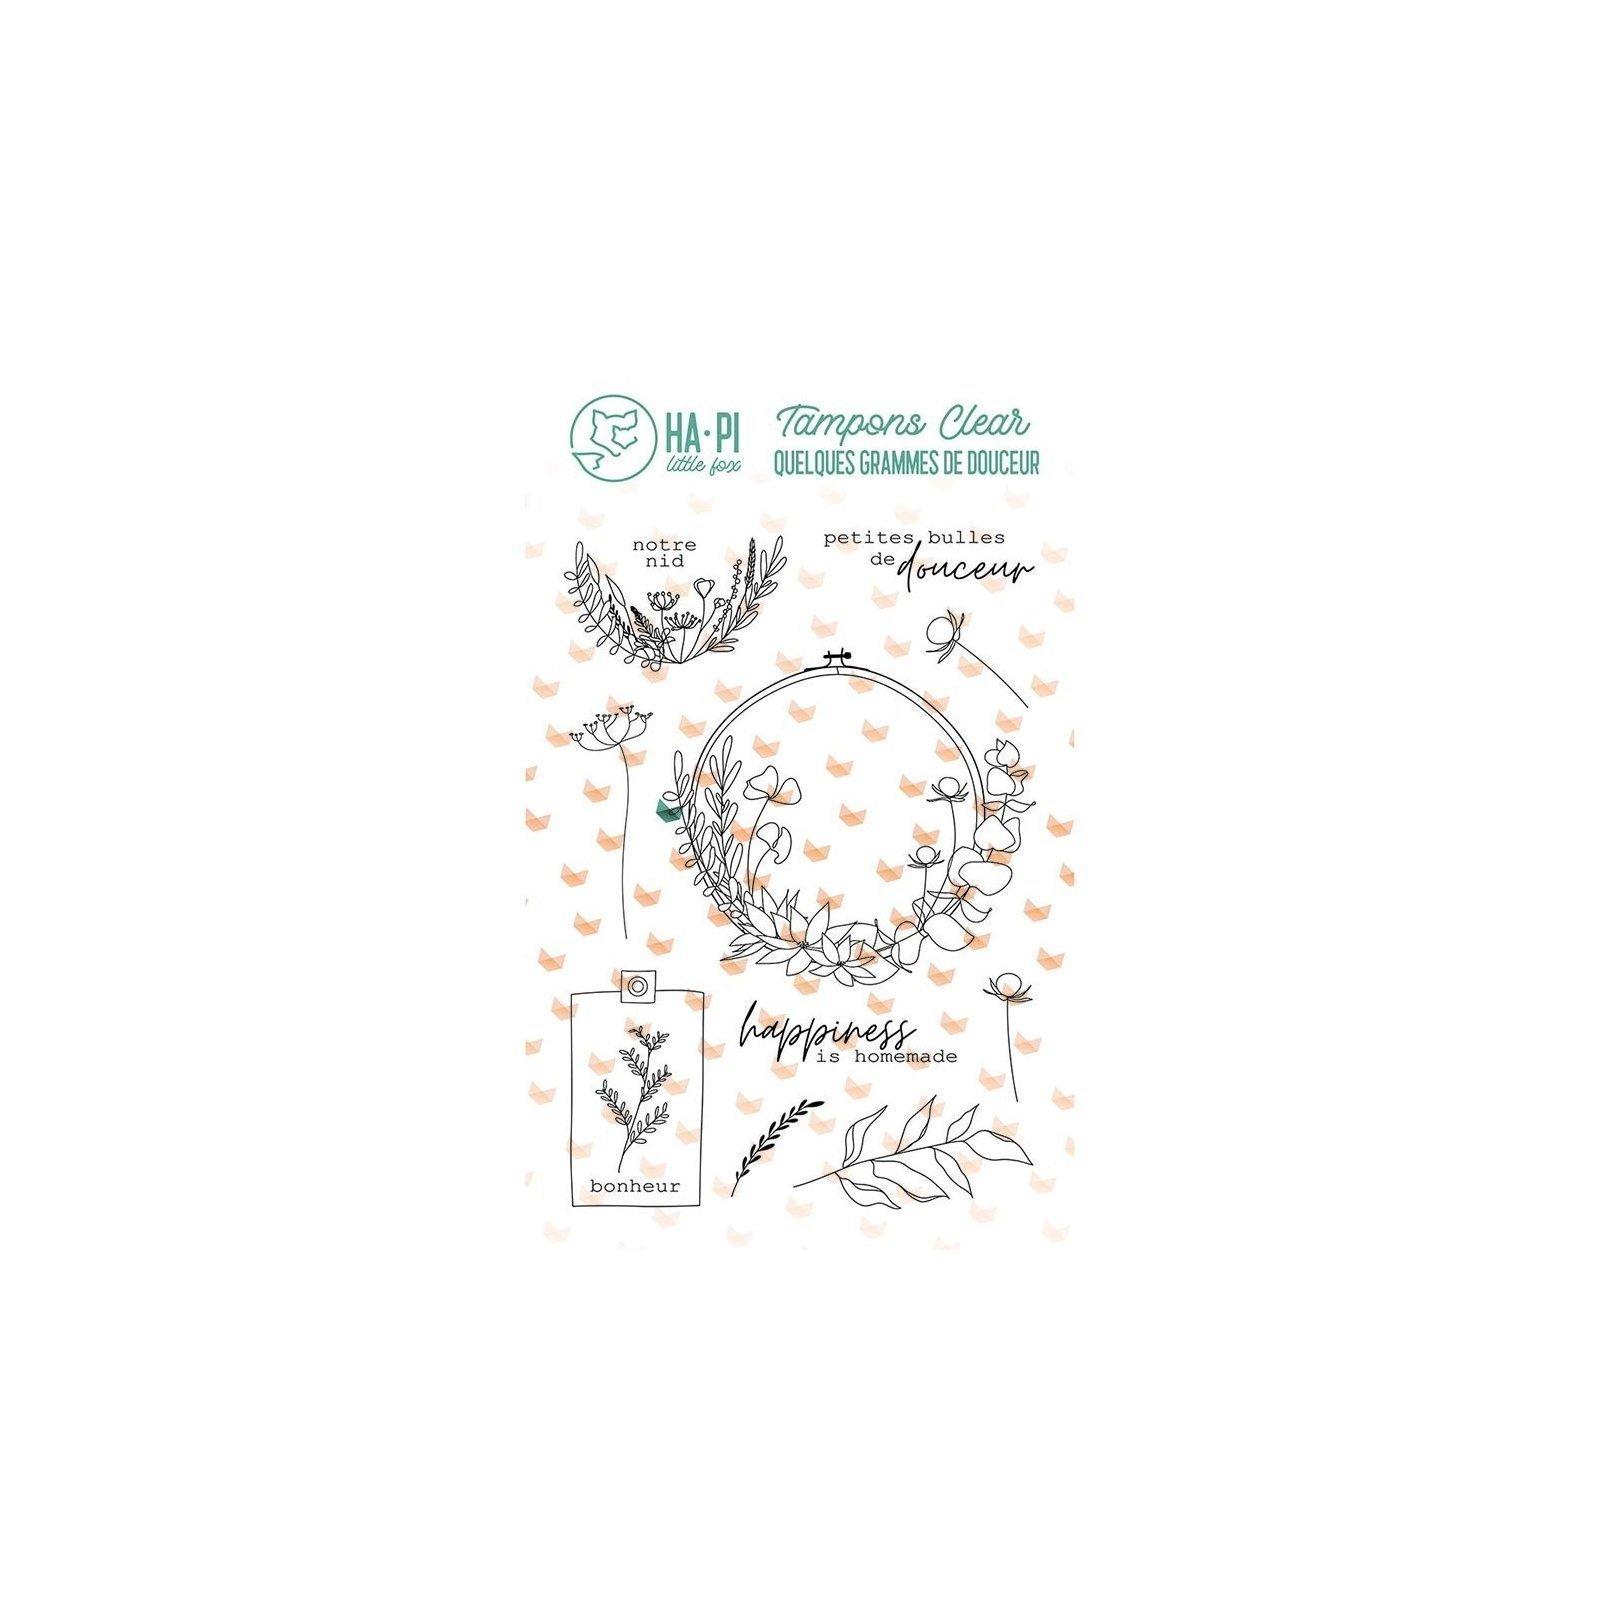 Tampon transparent - Notre nid - Quelques grammes de douceur - Ha Pi Little Fox